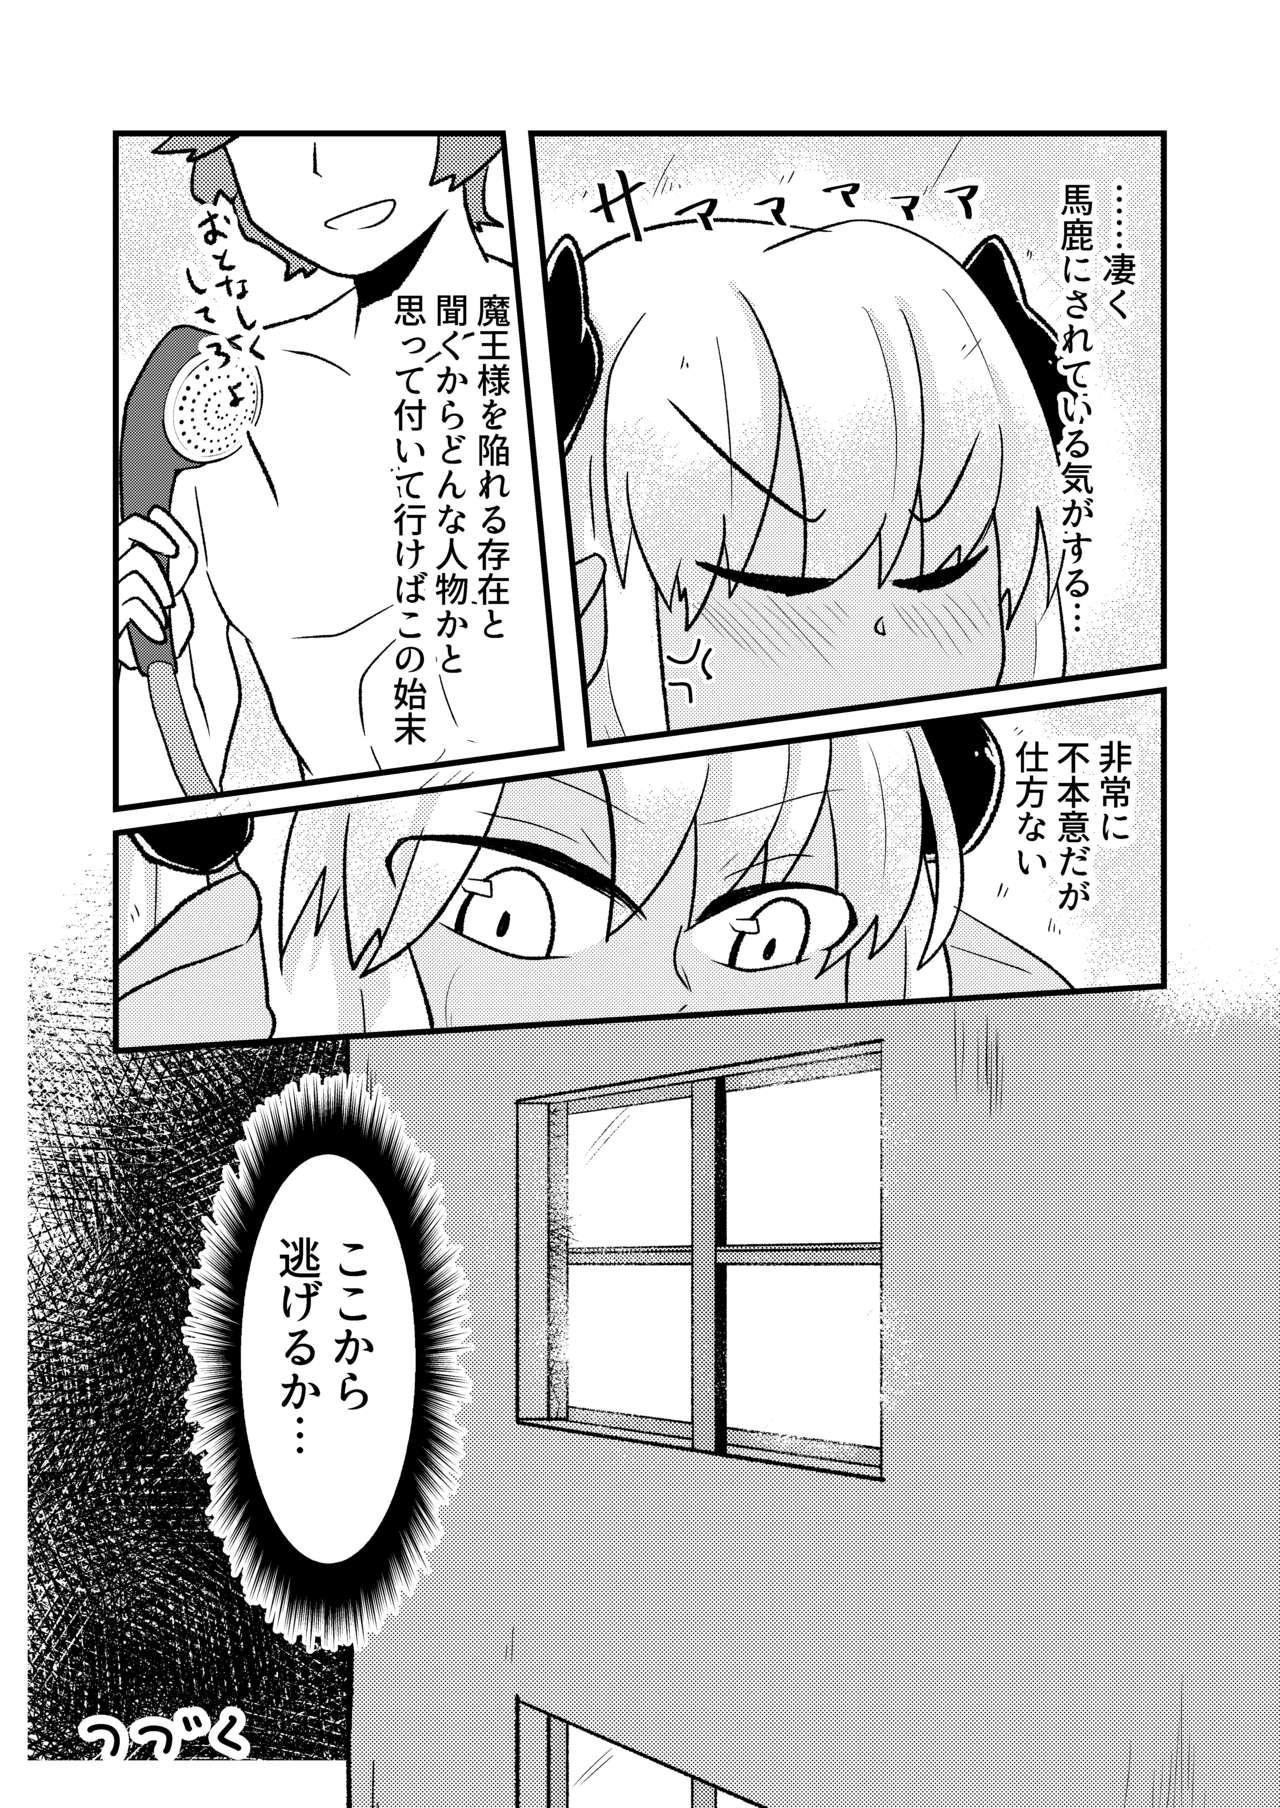 「お風呂」 青肌の魔族がTSして弱体化する漫画② 26